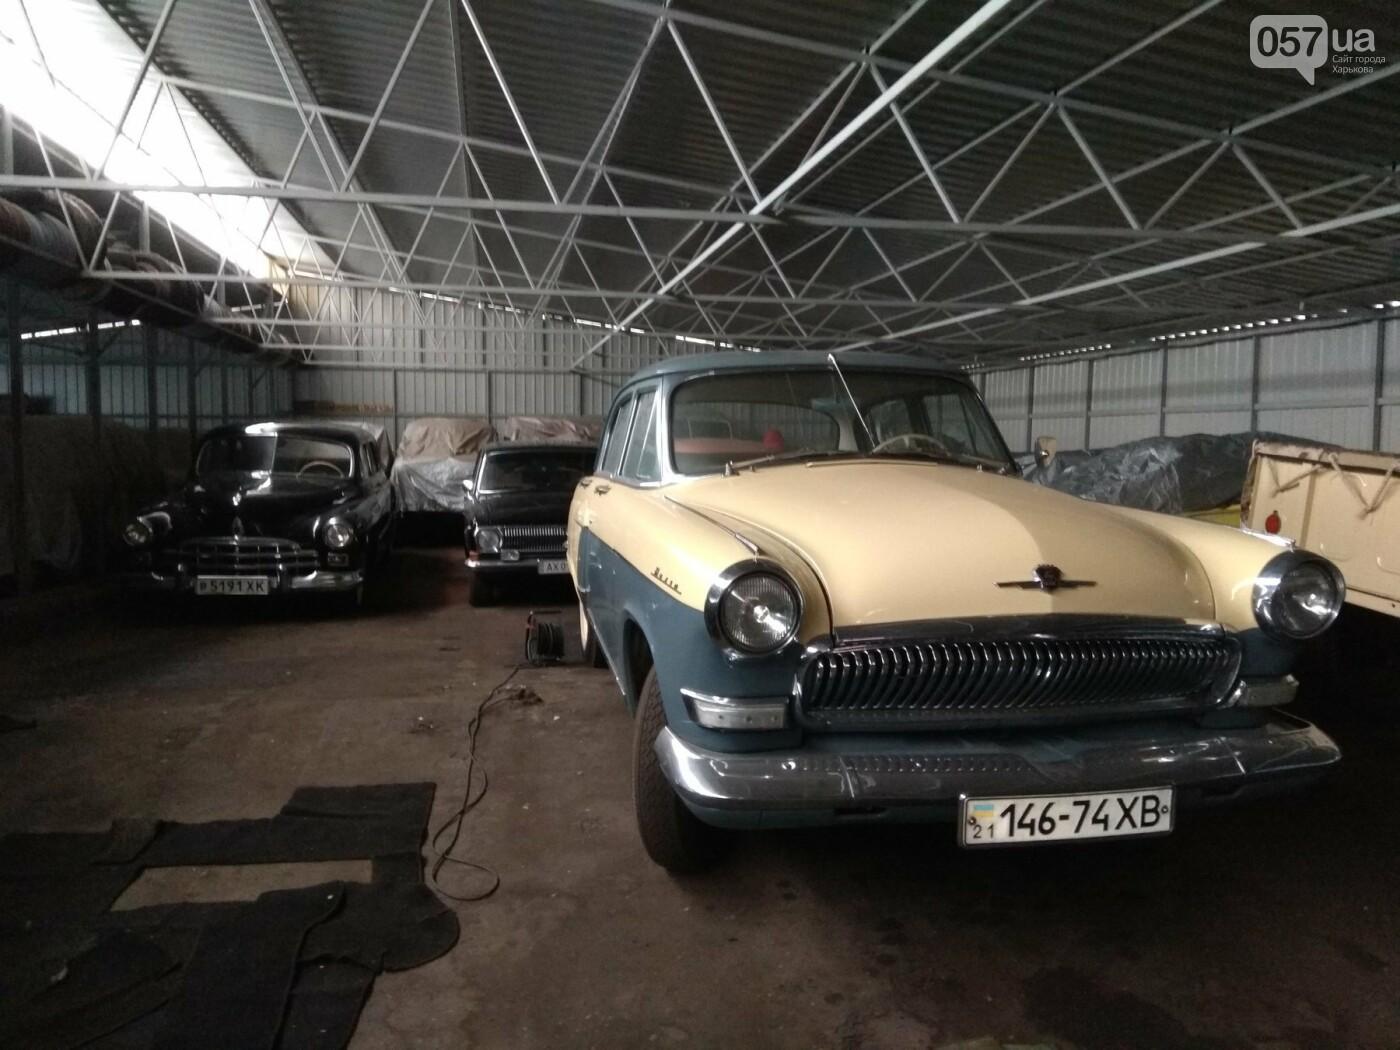 «Buick» Буденного и самодельные машины: как харьковчанин собрал коллекцию из 100 ретро-автомобилей, - ФОТО, фото-16